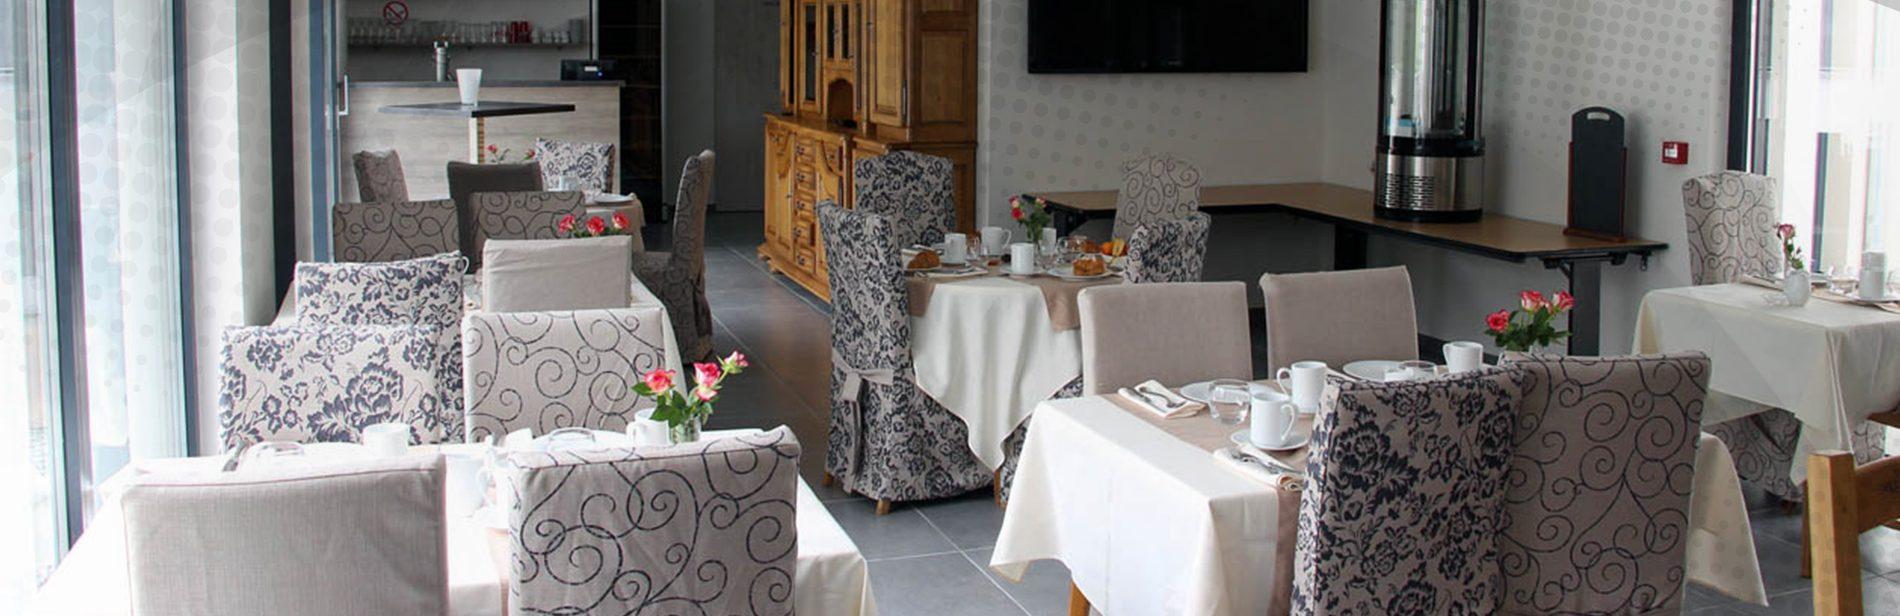 Chambres d'hôtes restaurant cave à vin Les Étangs